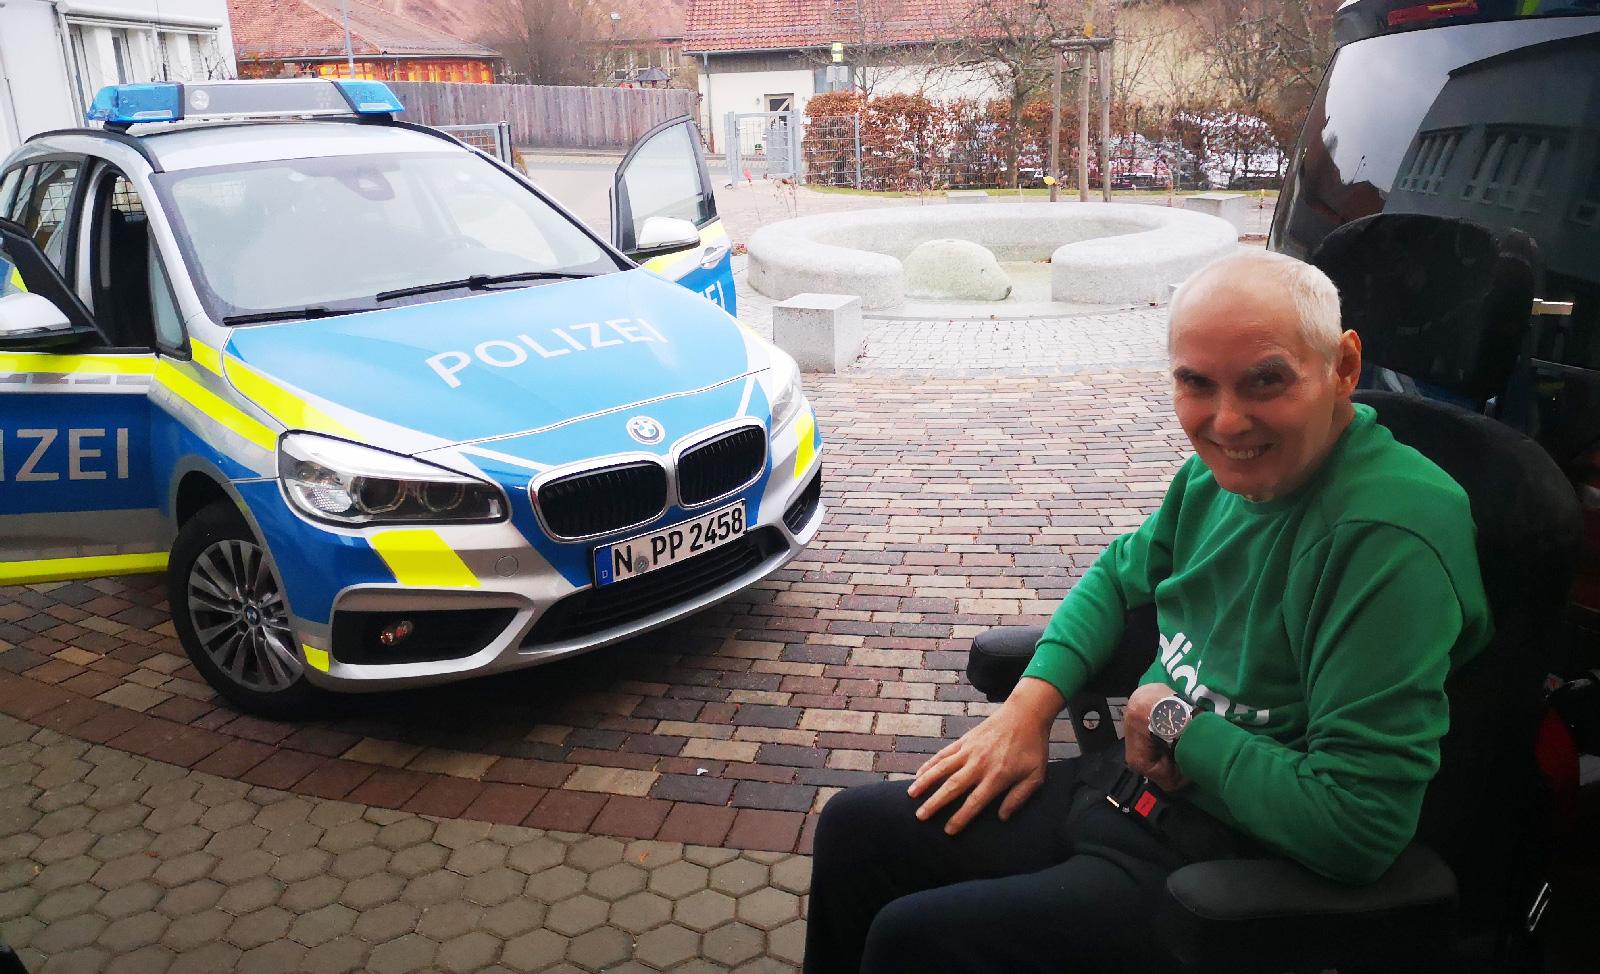 Beantwortete viele Fragen zur Polizeiarbeit: Oberkommissar Drescher. Er überraschte die interessierten Bewohner noch mit einer Einladung ins Polizeiauto mit eingeschaltetem Blaulicht!